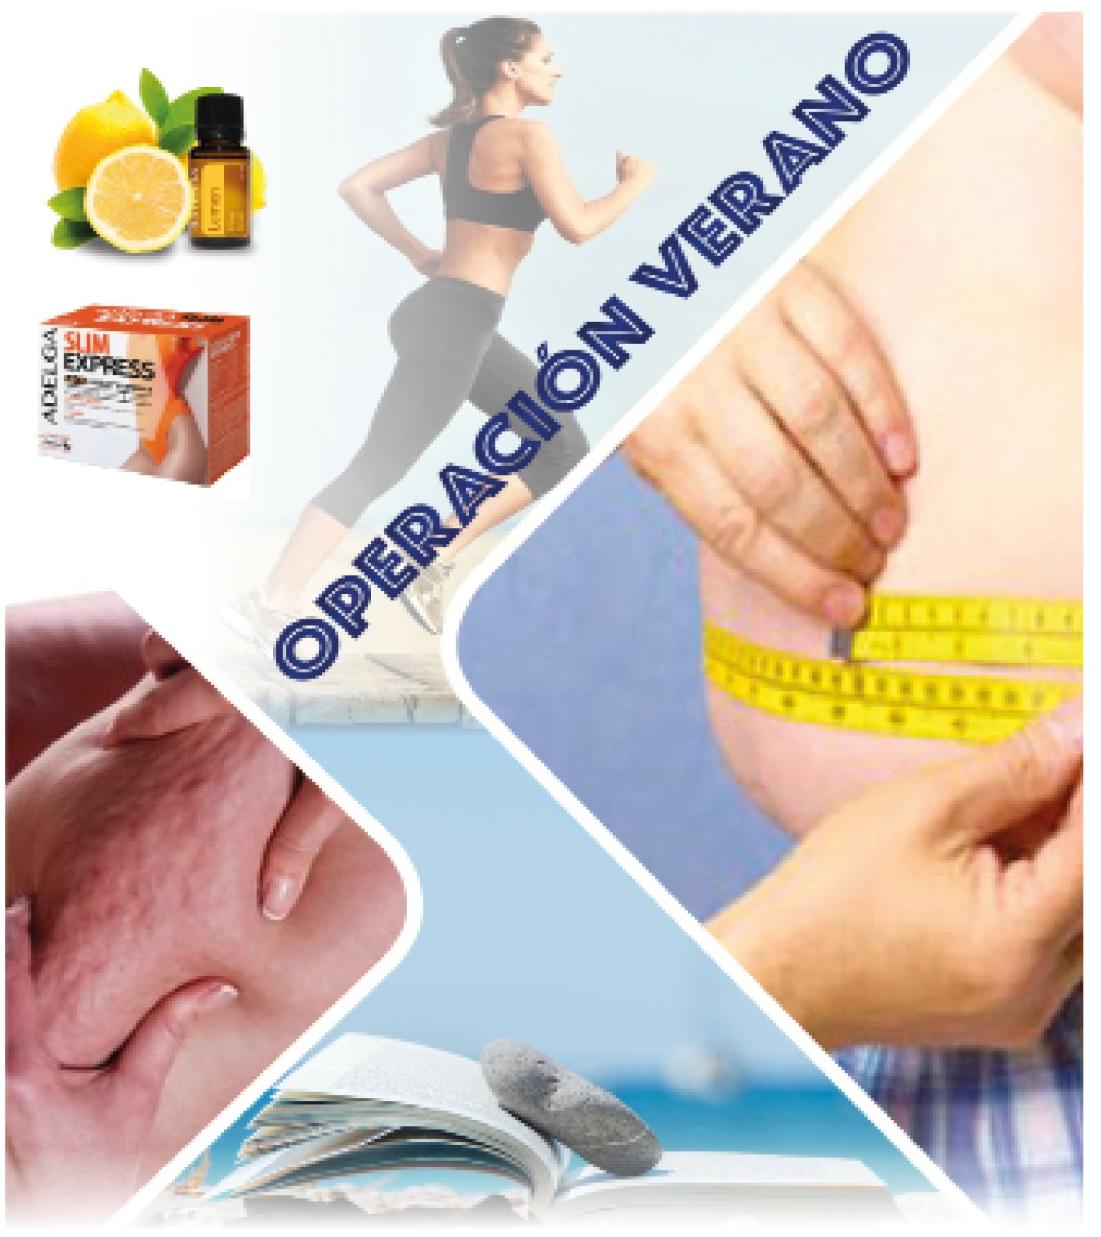 Operación Verano: Obesidad y Celulitis